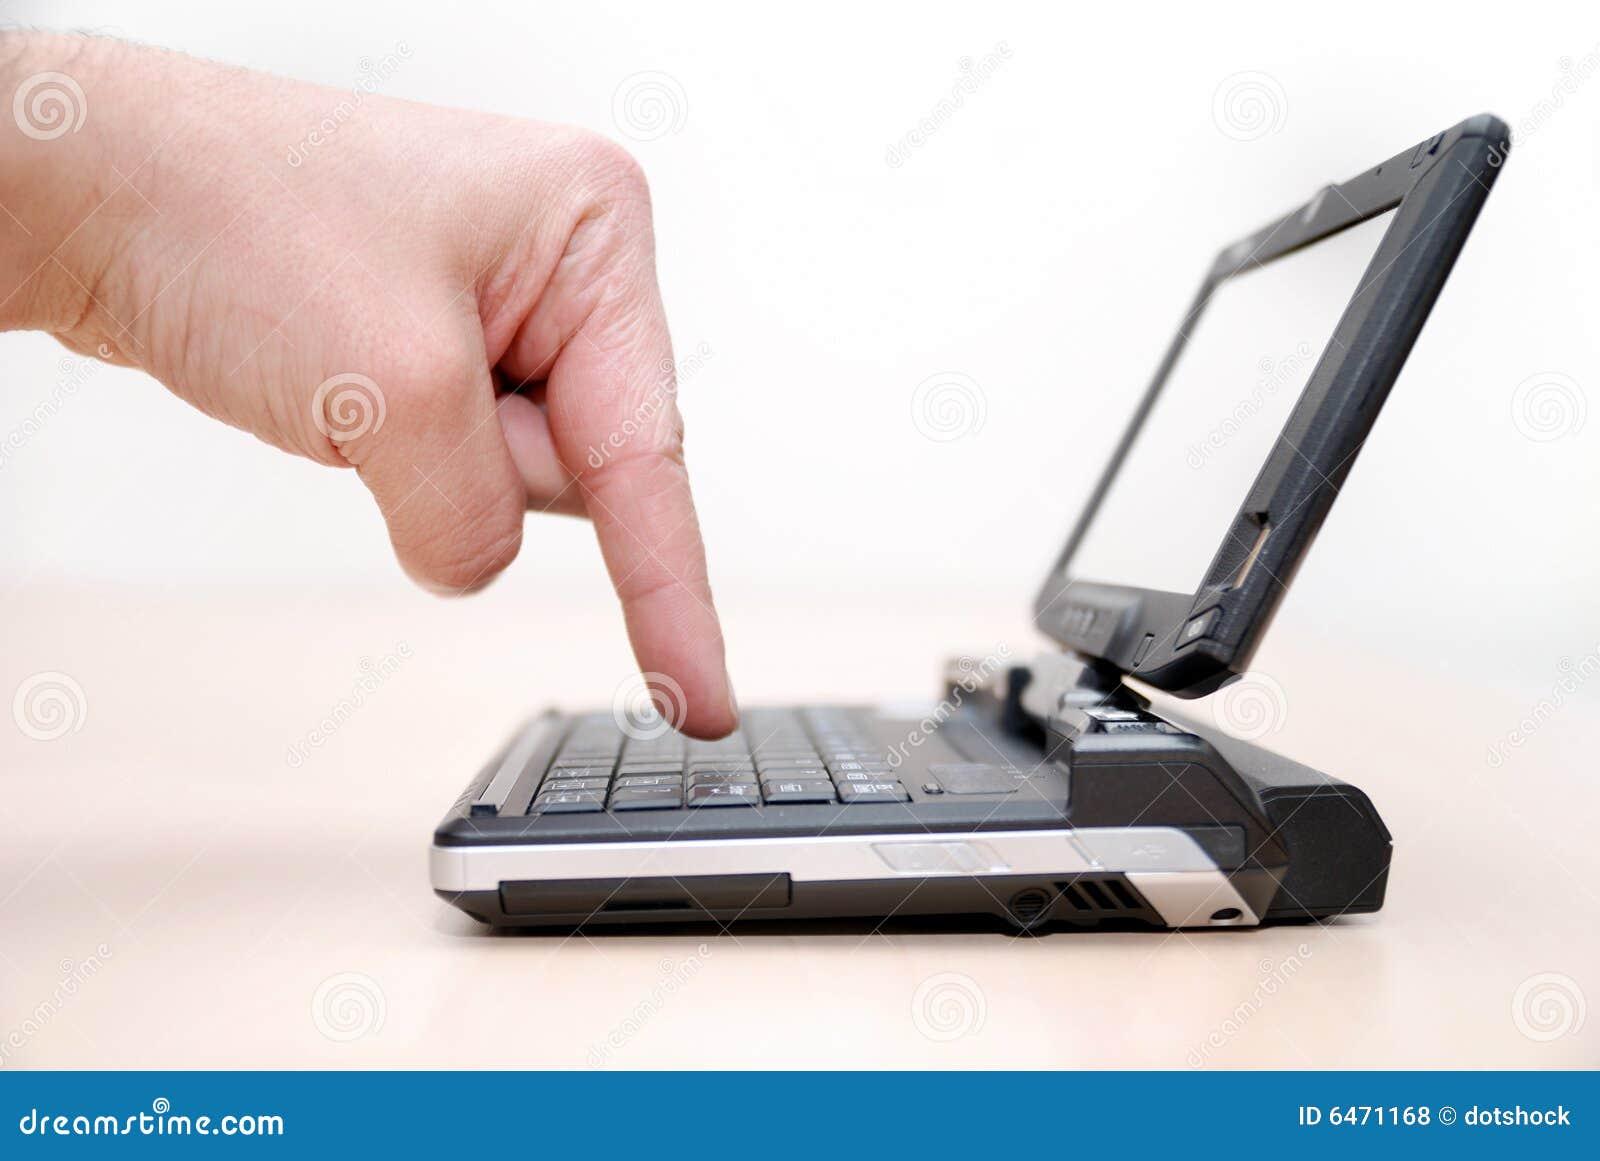 Jak mały laptop może być